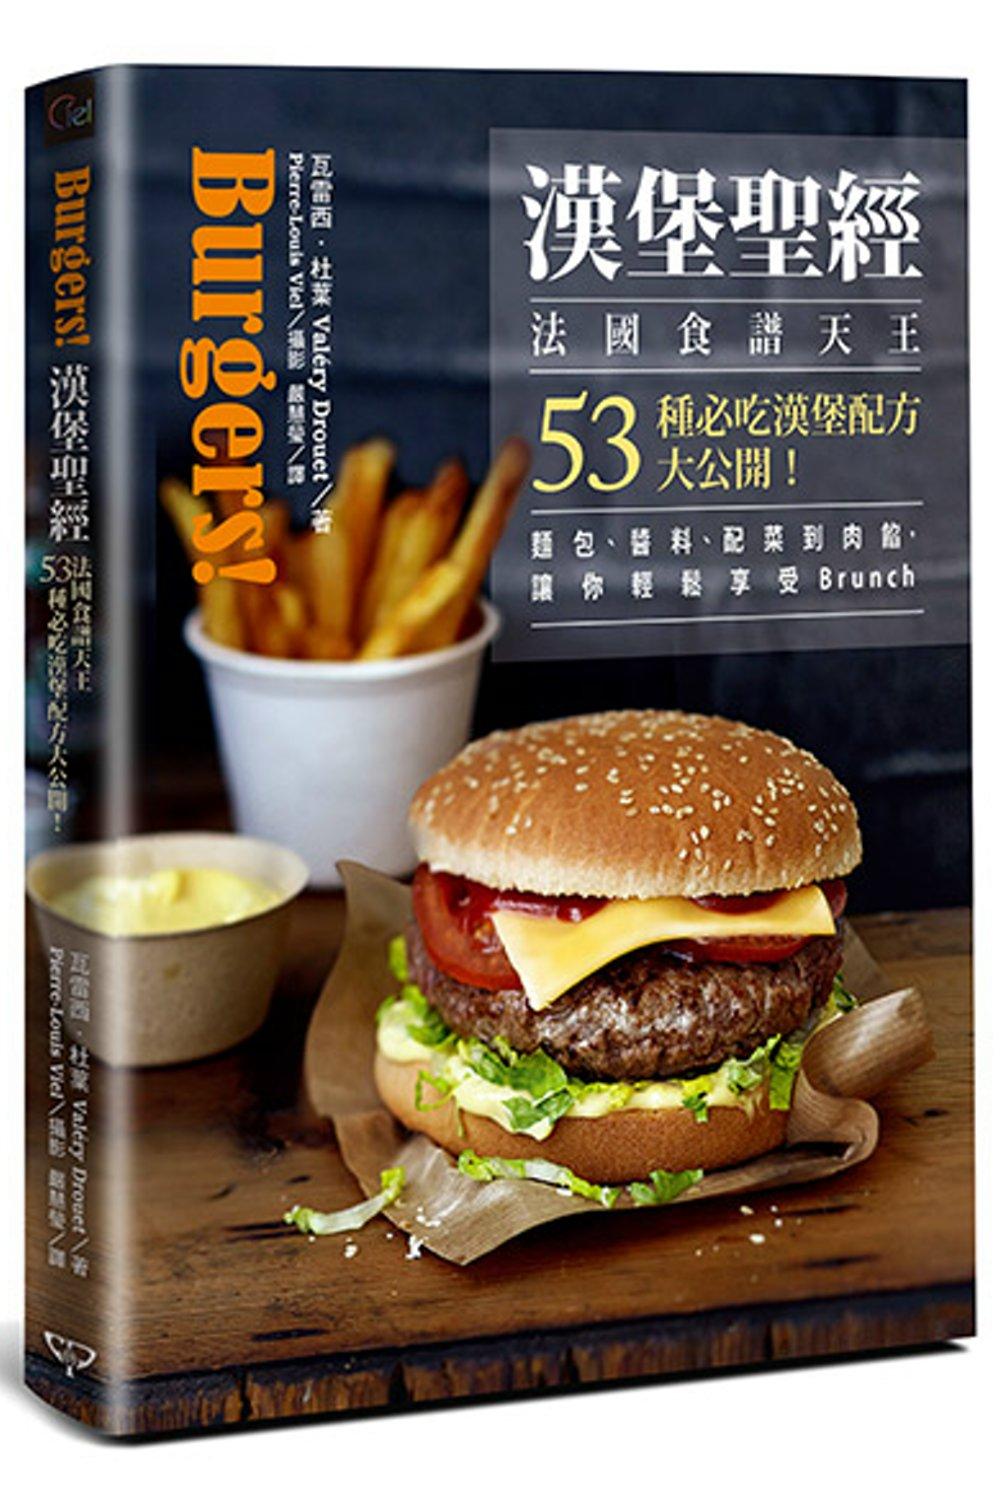 漢堡聖經:法國食譜天王53種必吃漢堡配方大公開!麵包、醬料、配菜到肉餡,讓你輕鬆享受 Br